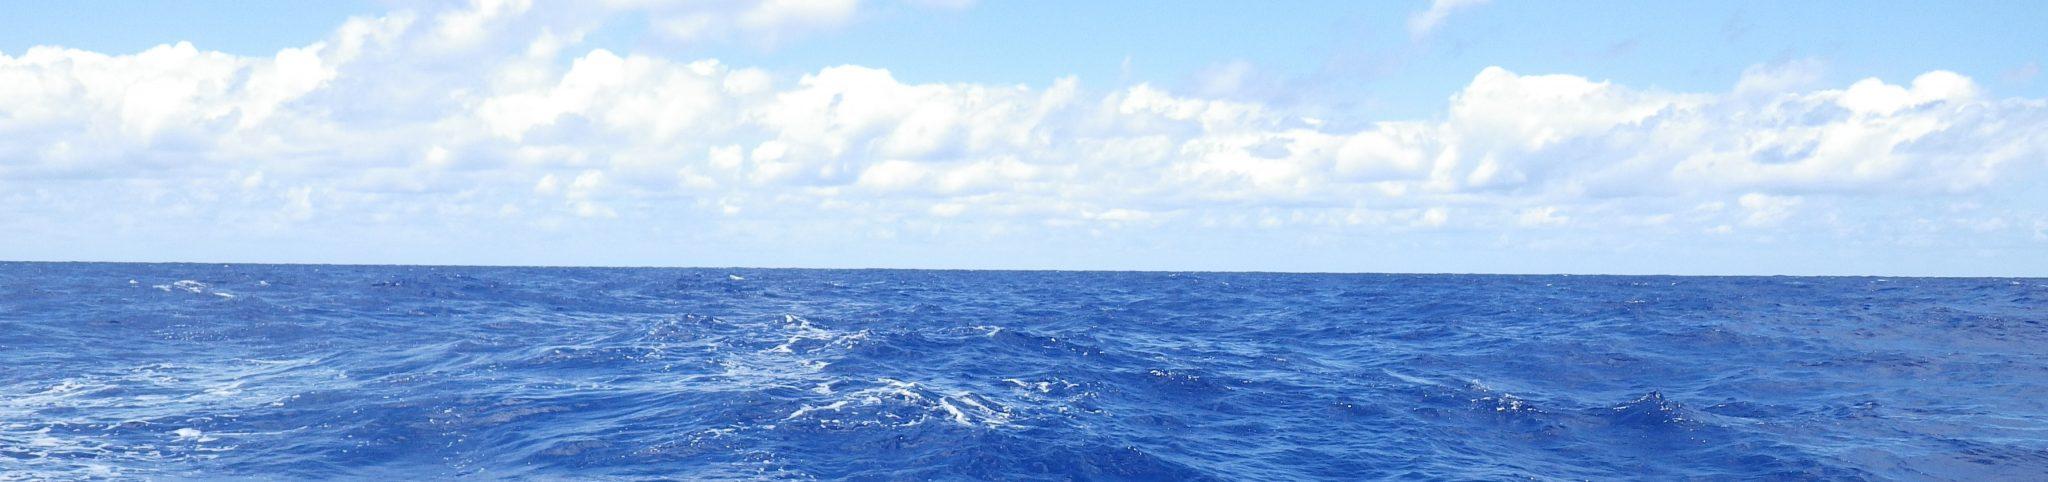 Pieni kierros Atlantilla